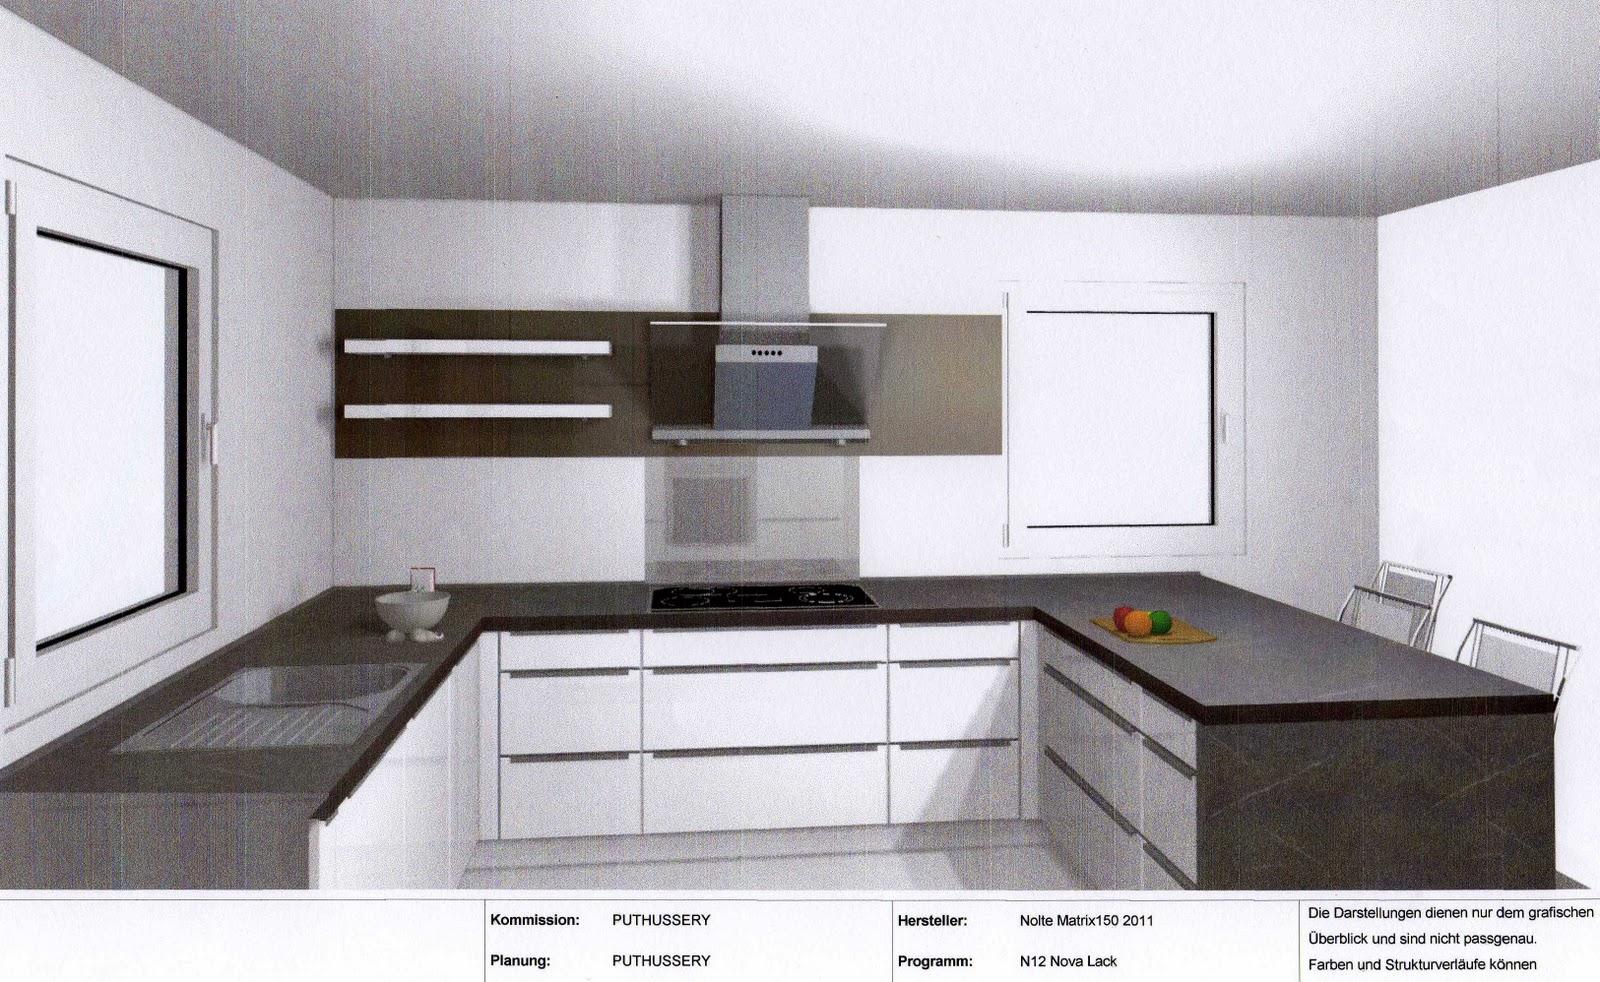 Es wird nun eine nolte küche in hochglanz weiß lackiert mit dunkelgrauer arbeitsplatte und neff elektrogeräten anbei ein paar erste eindrücke von der